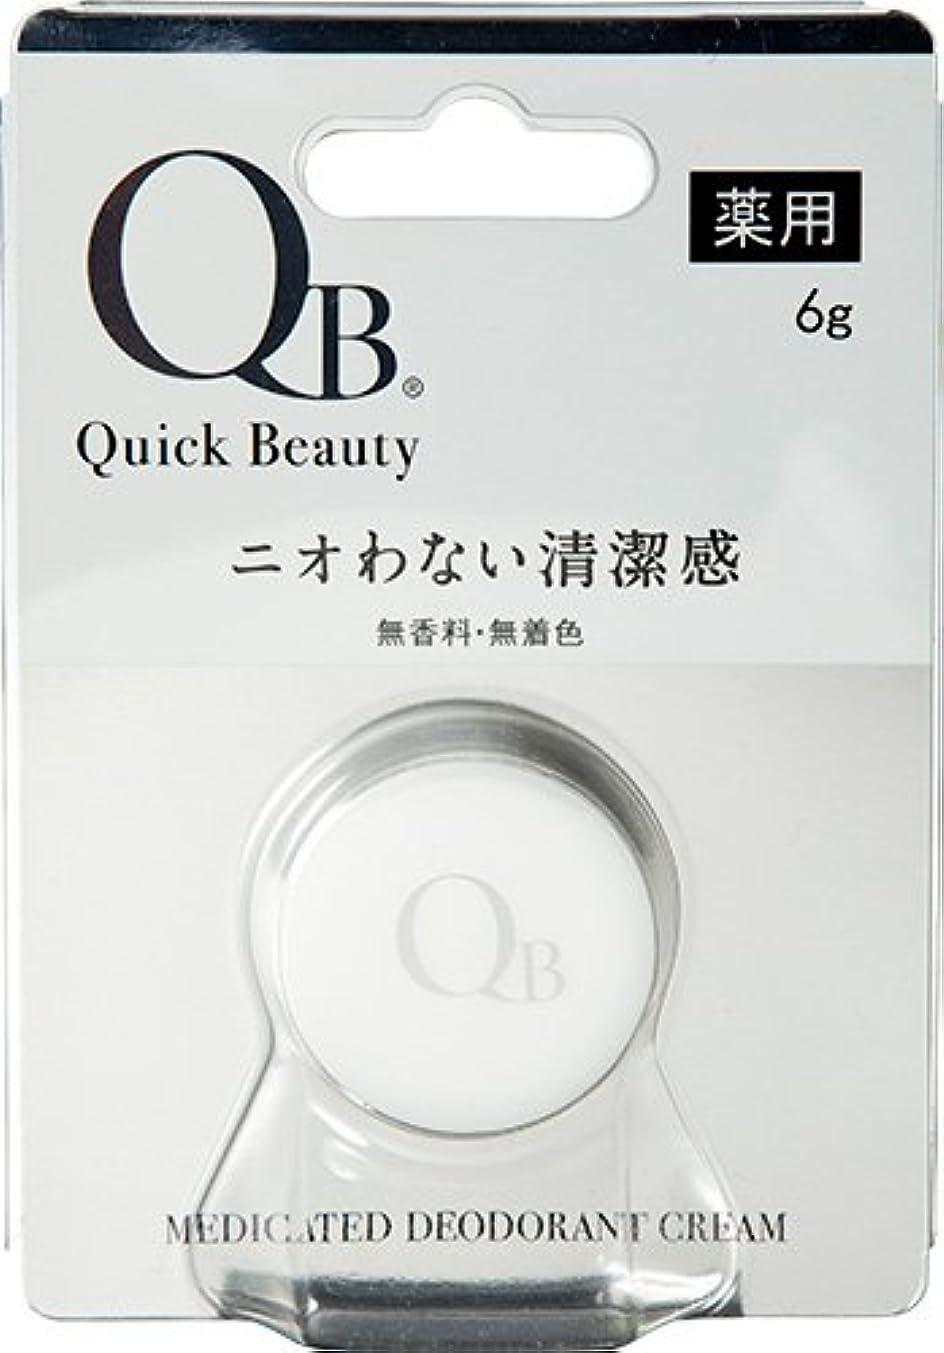 実質的にオデュッセウス億QB デオドラントクリーム L 6g